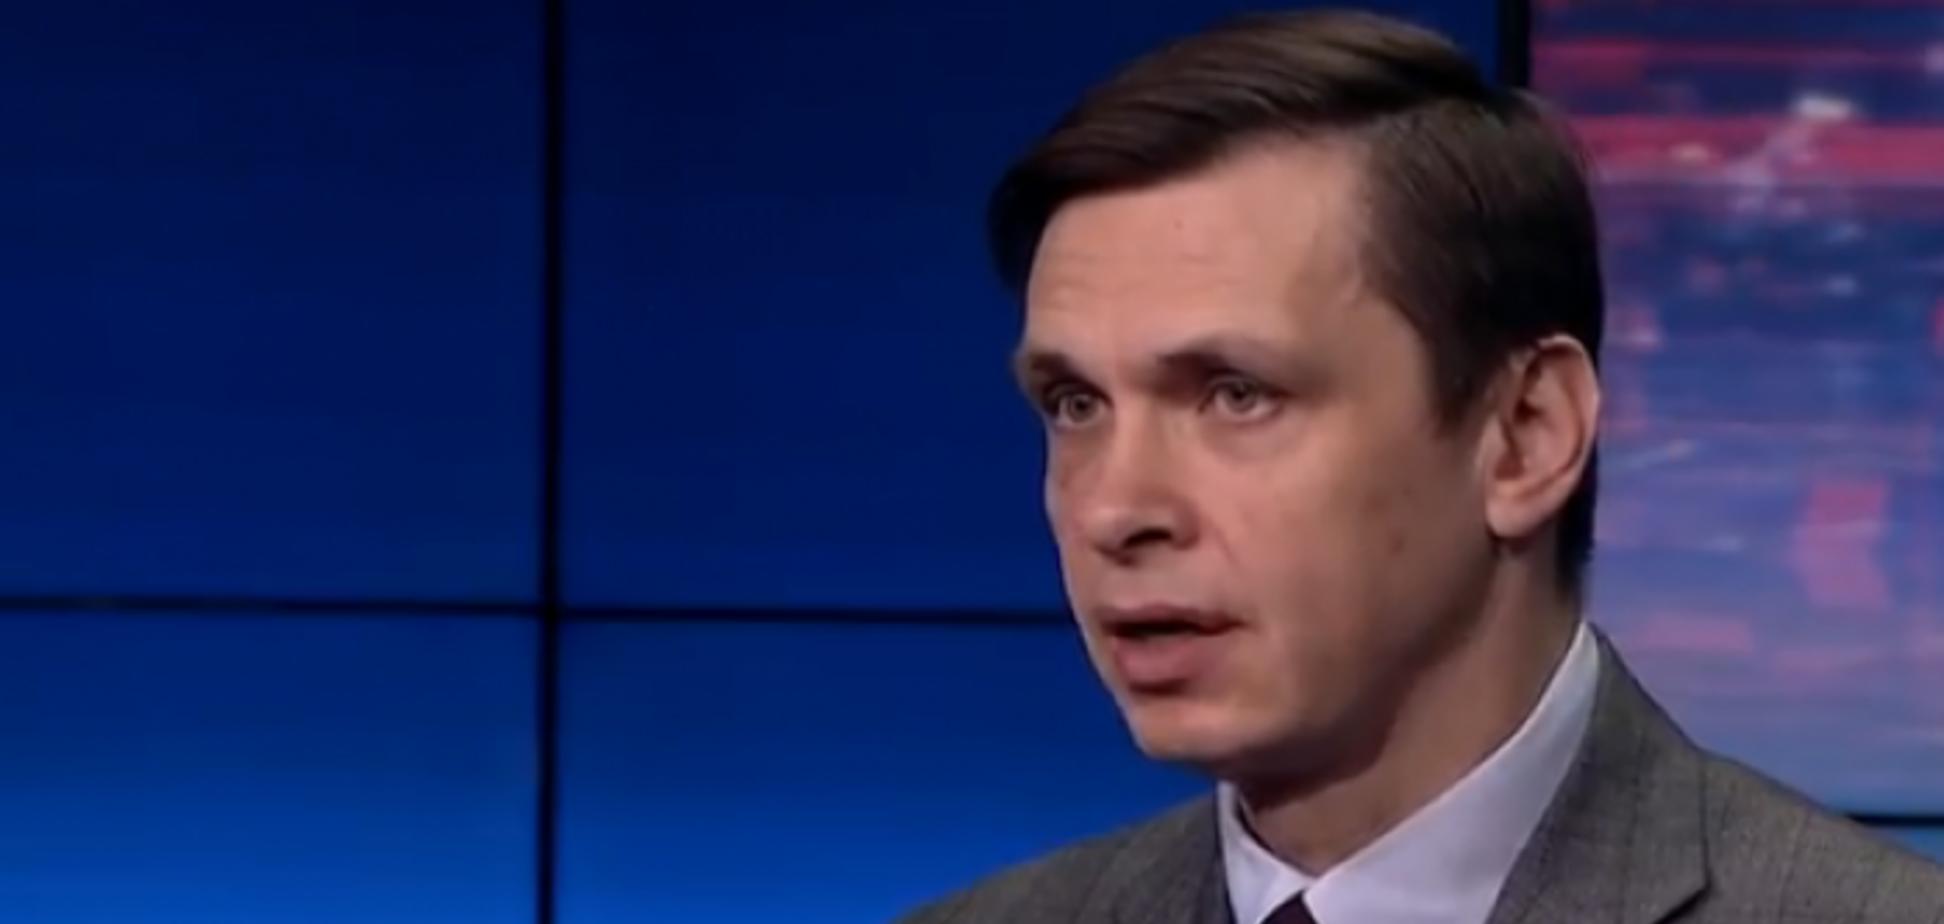 Оточення Зеленського нав'язує Україні російський сценарій: в 'ЄС' забили на сполох